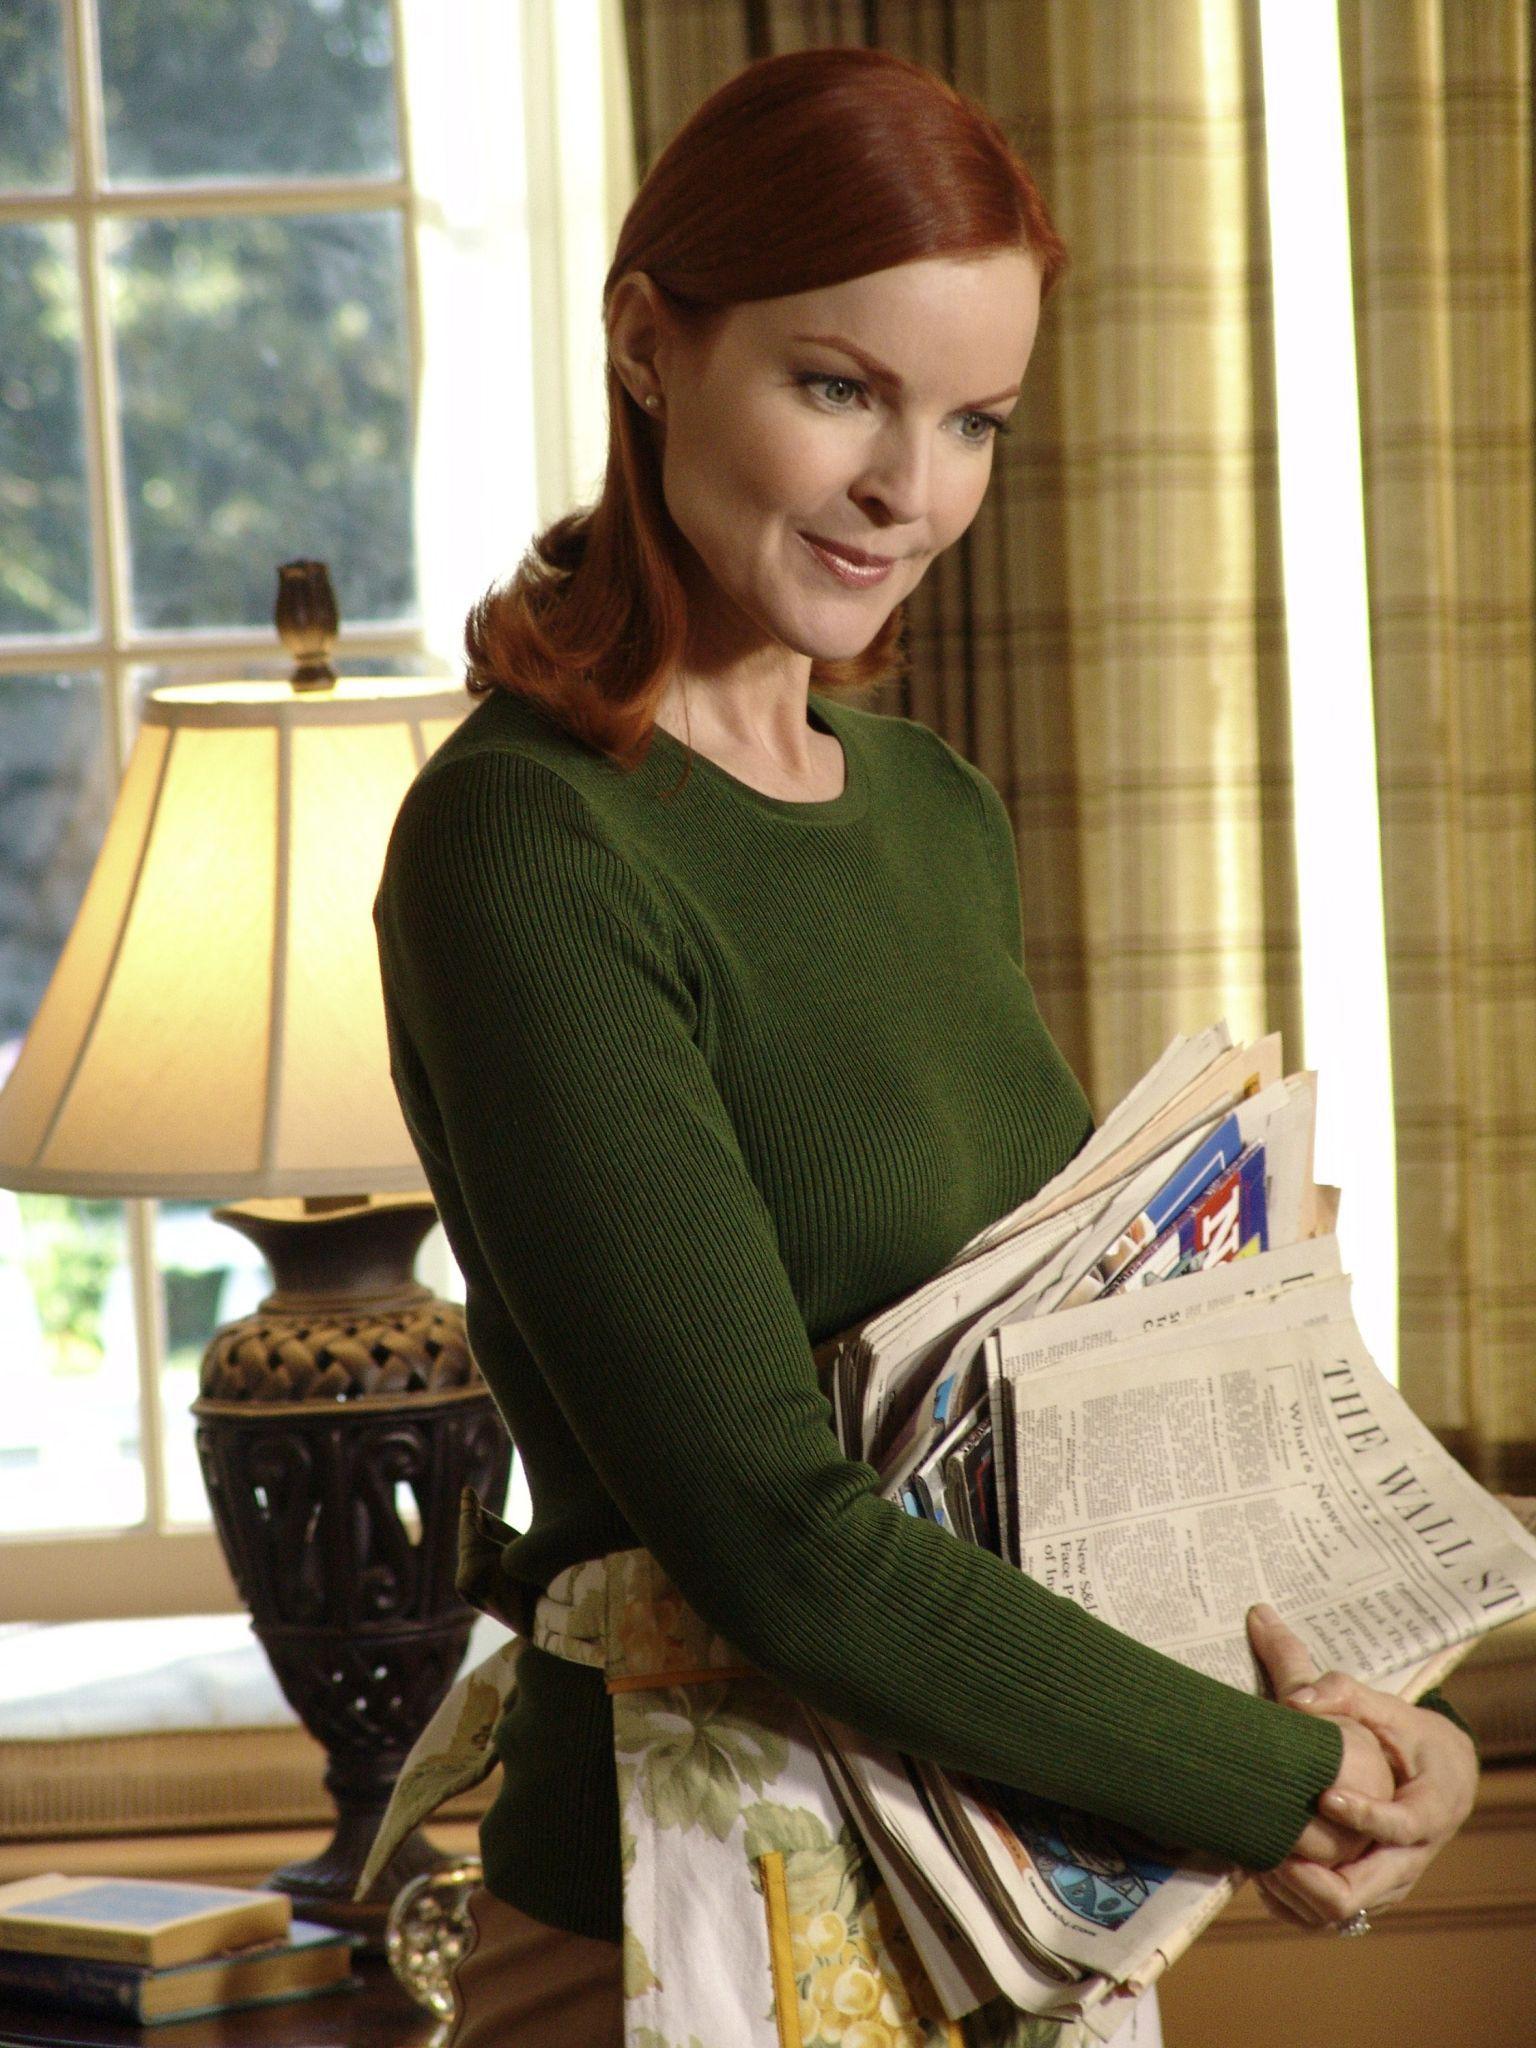 Marcia Cross as Bree Van De Kamp in the Desperate Housewives